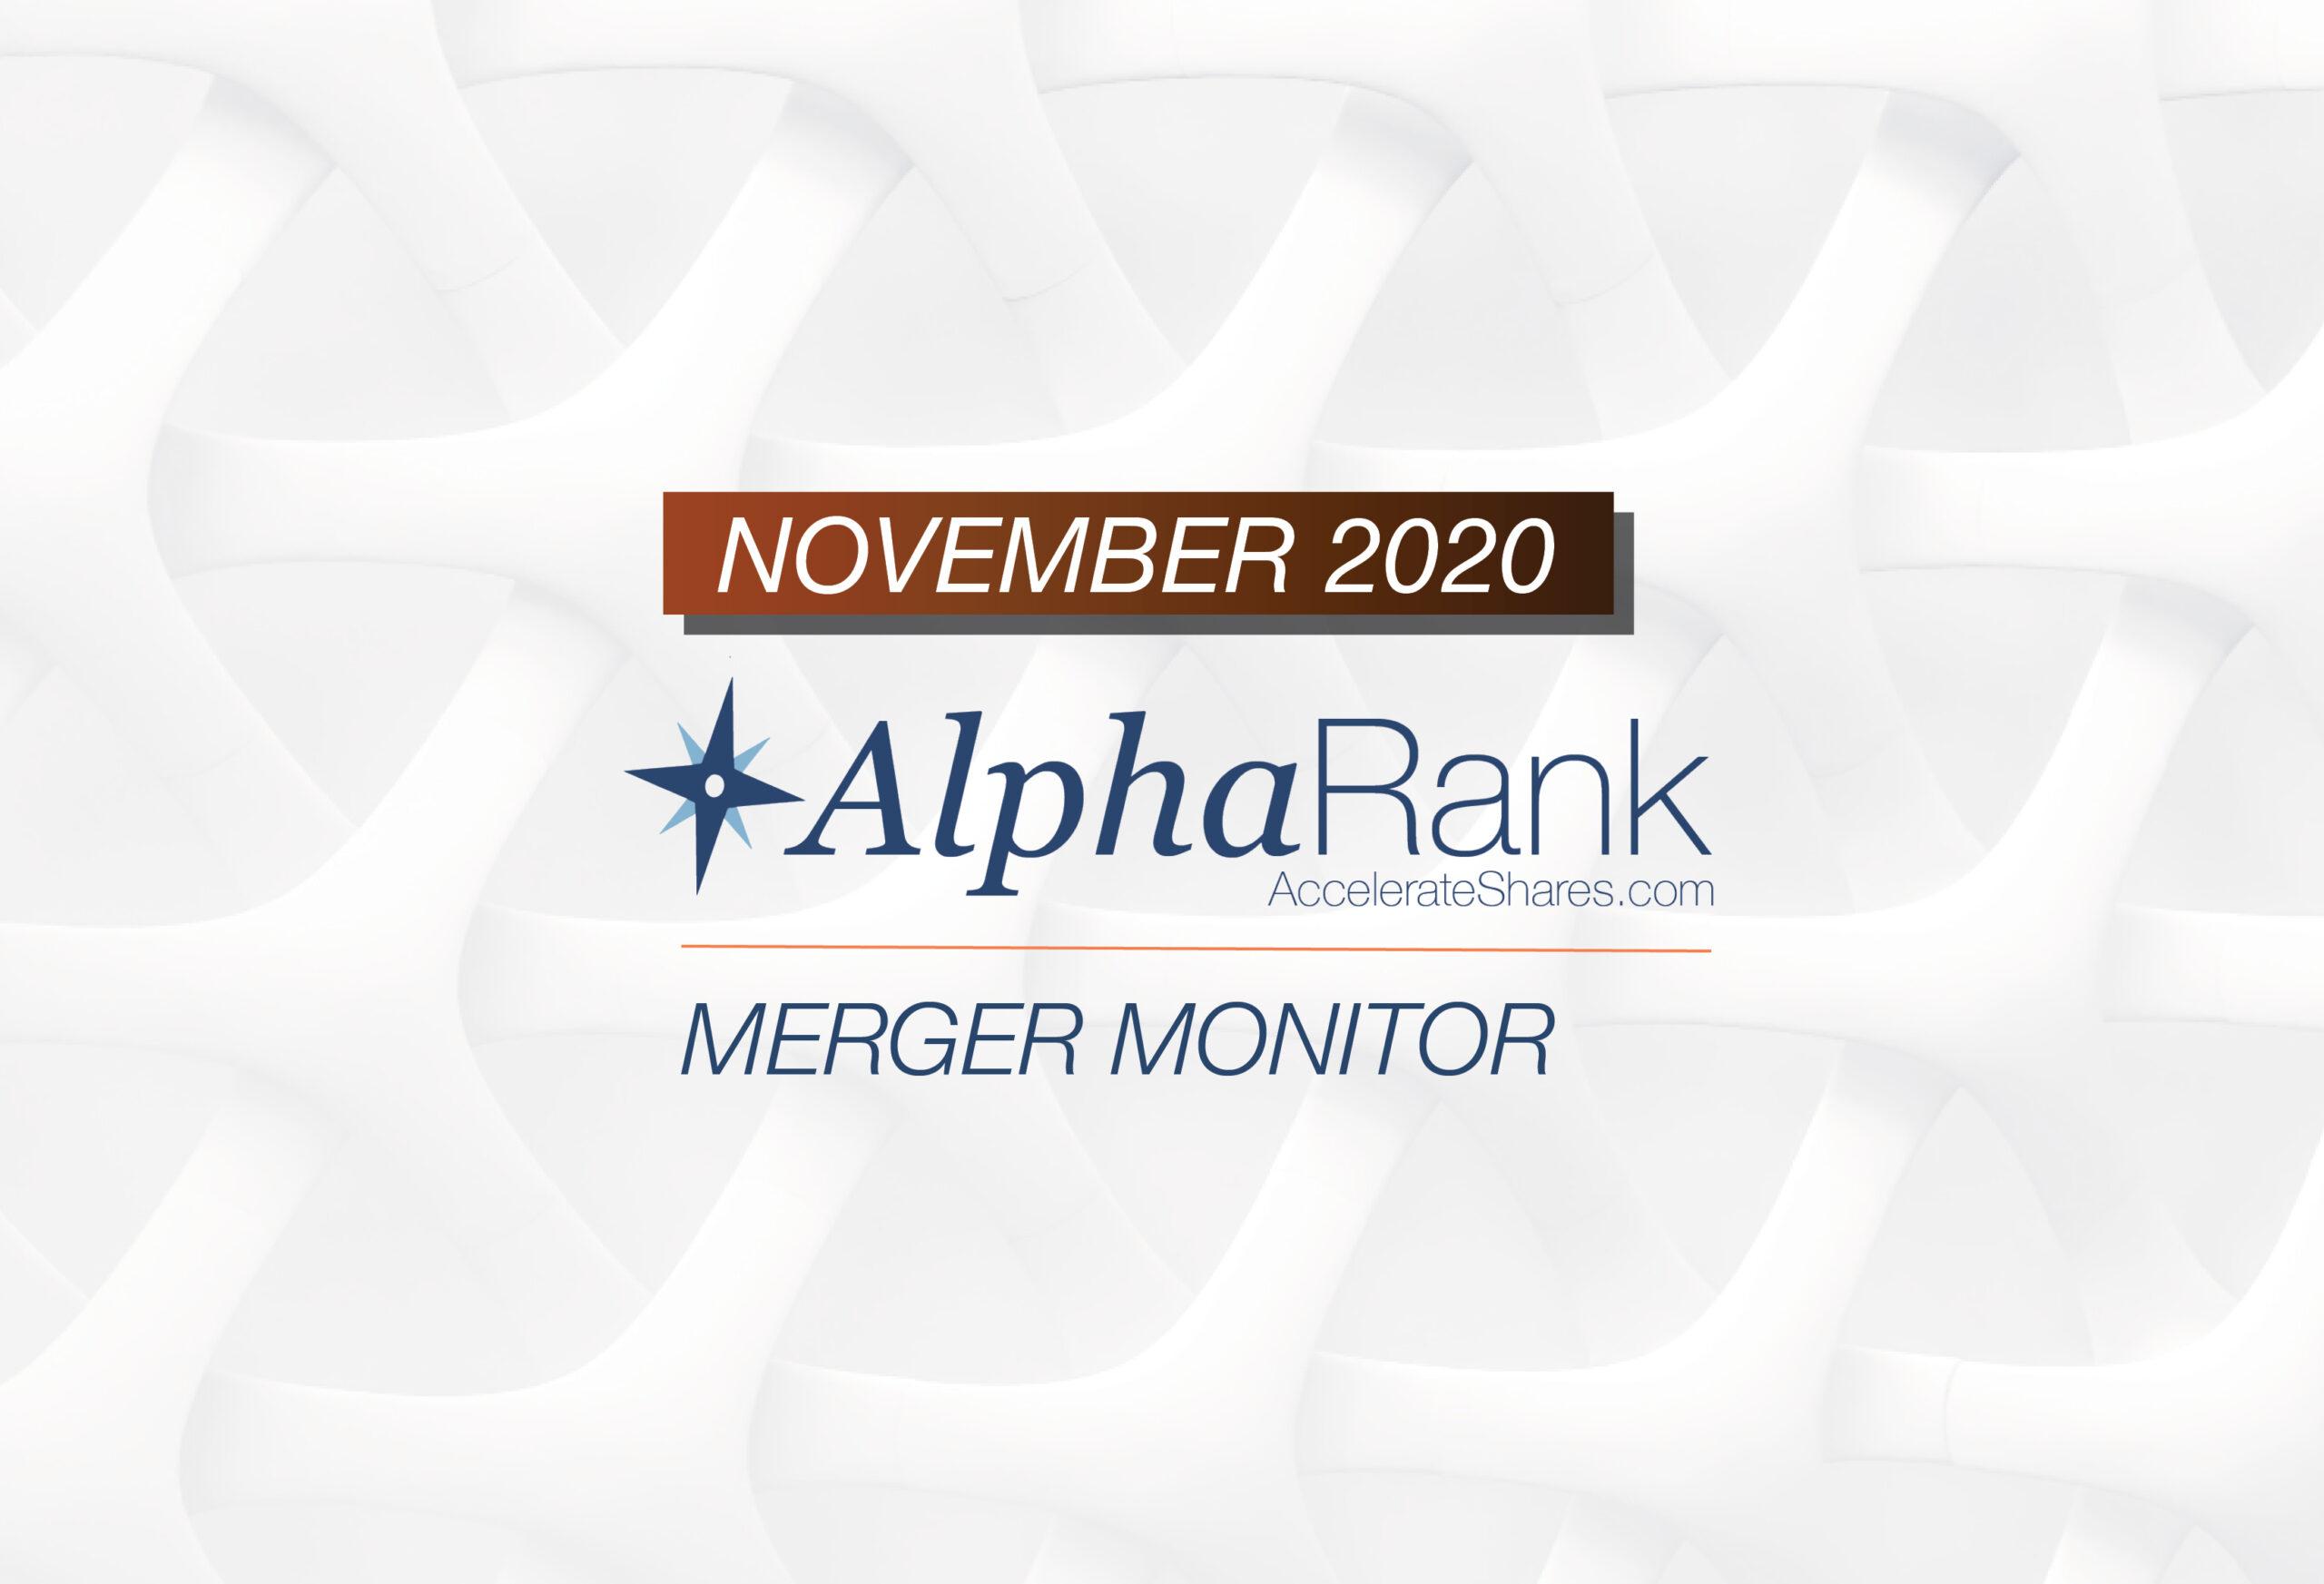 AlphaRank Merger Monitor- November 2020